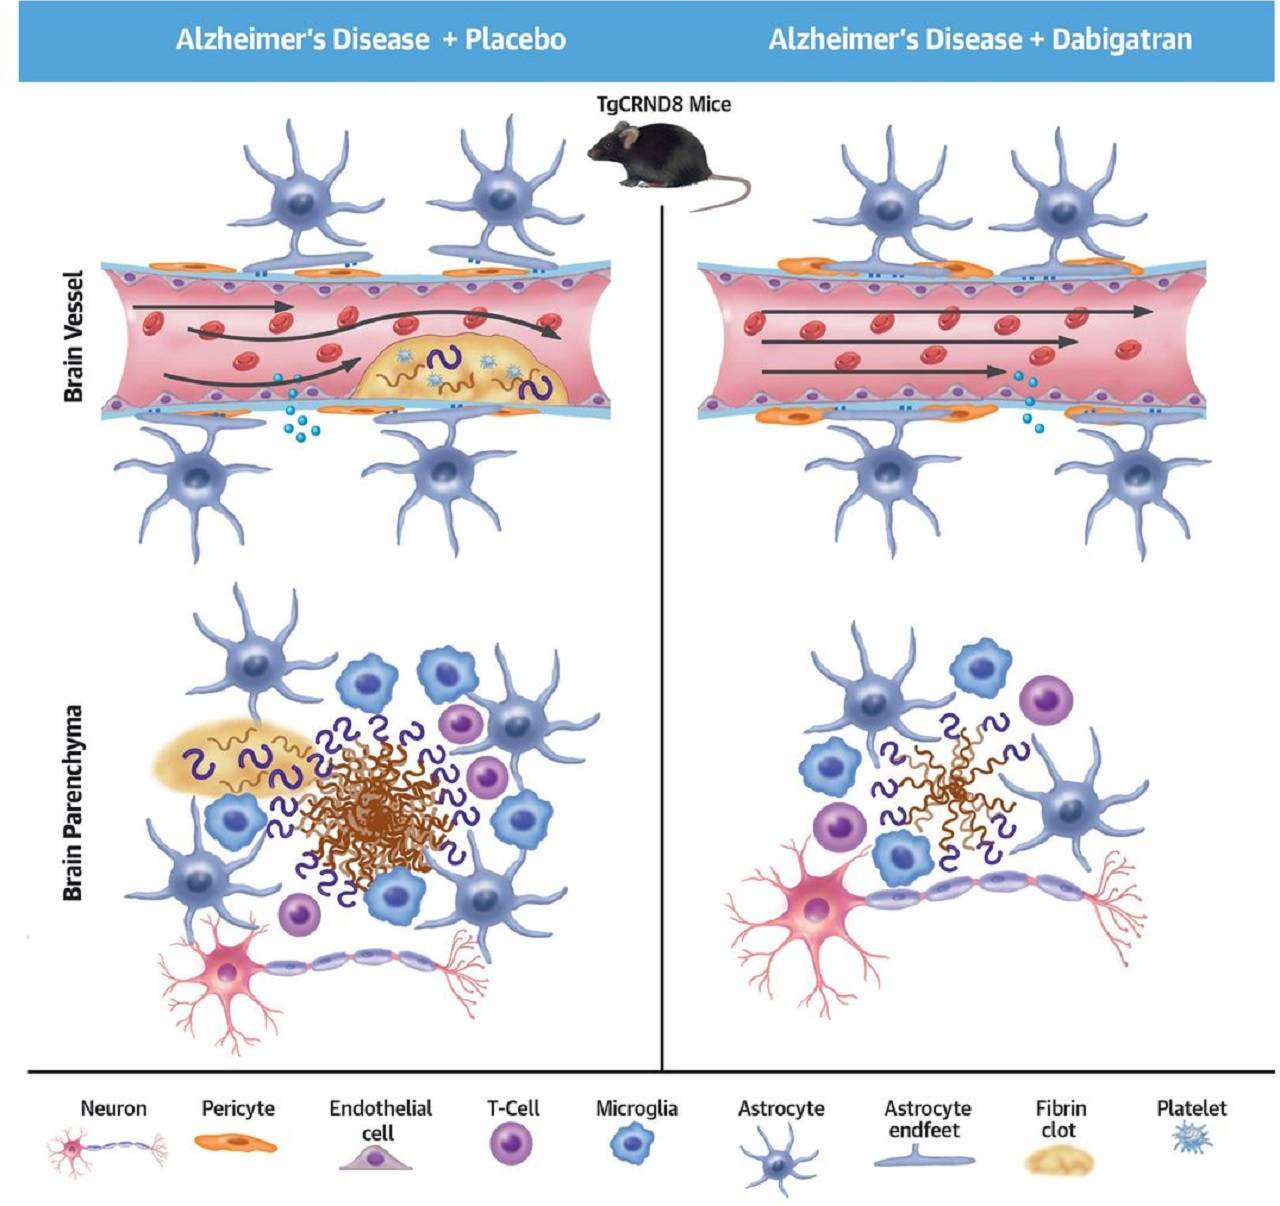 Un anticoagulante podría retrasar la aparición del Alzheimer